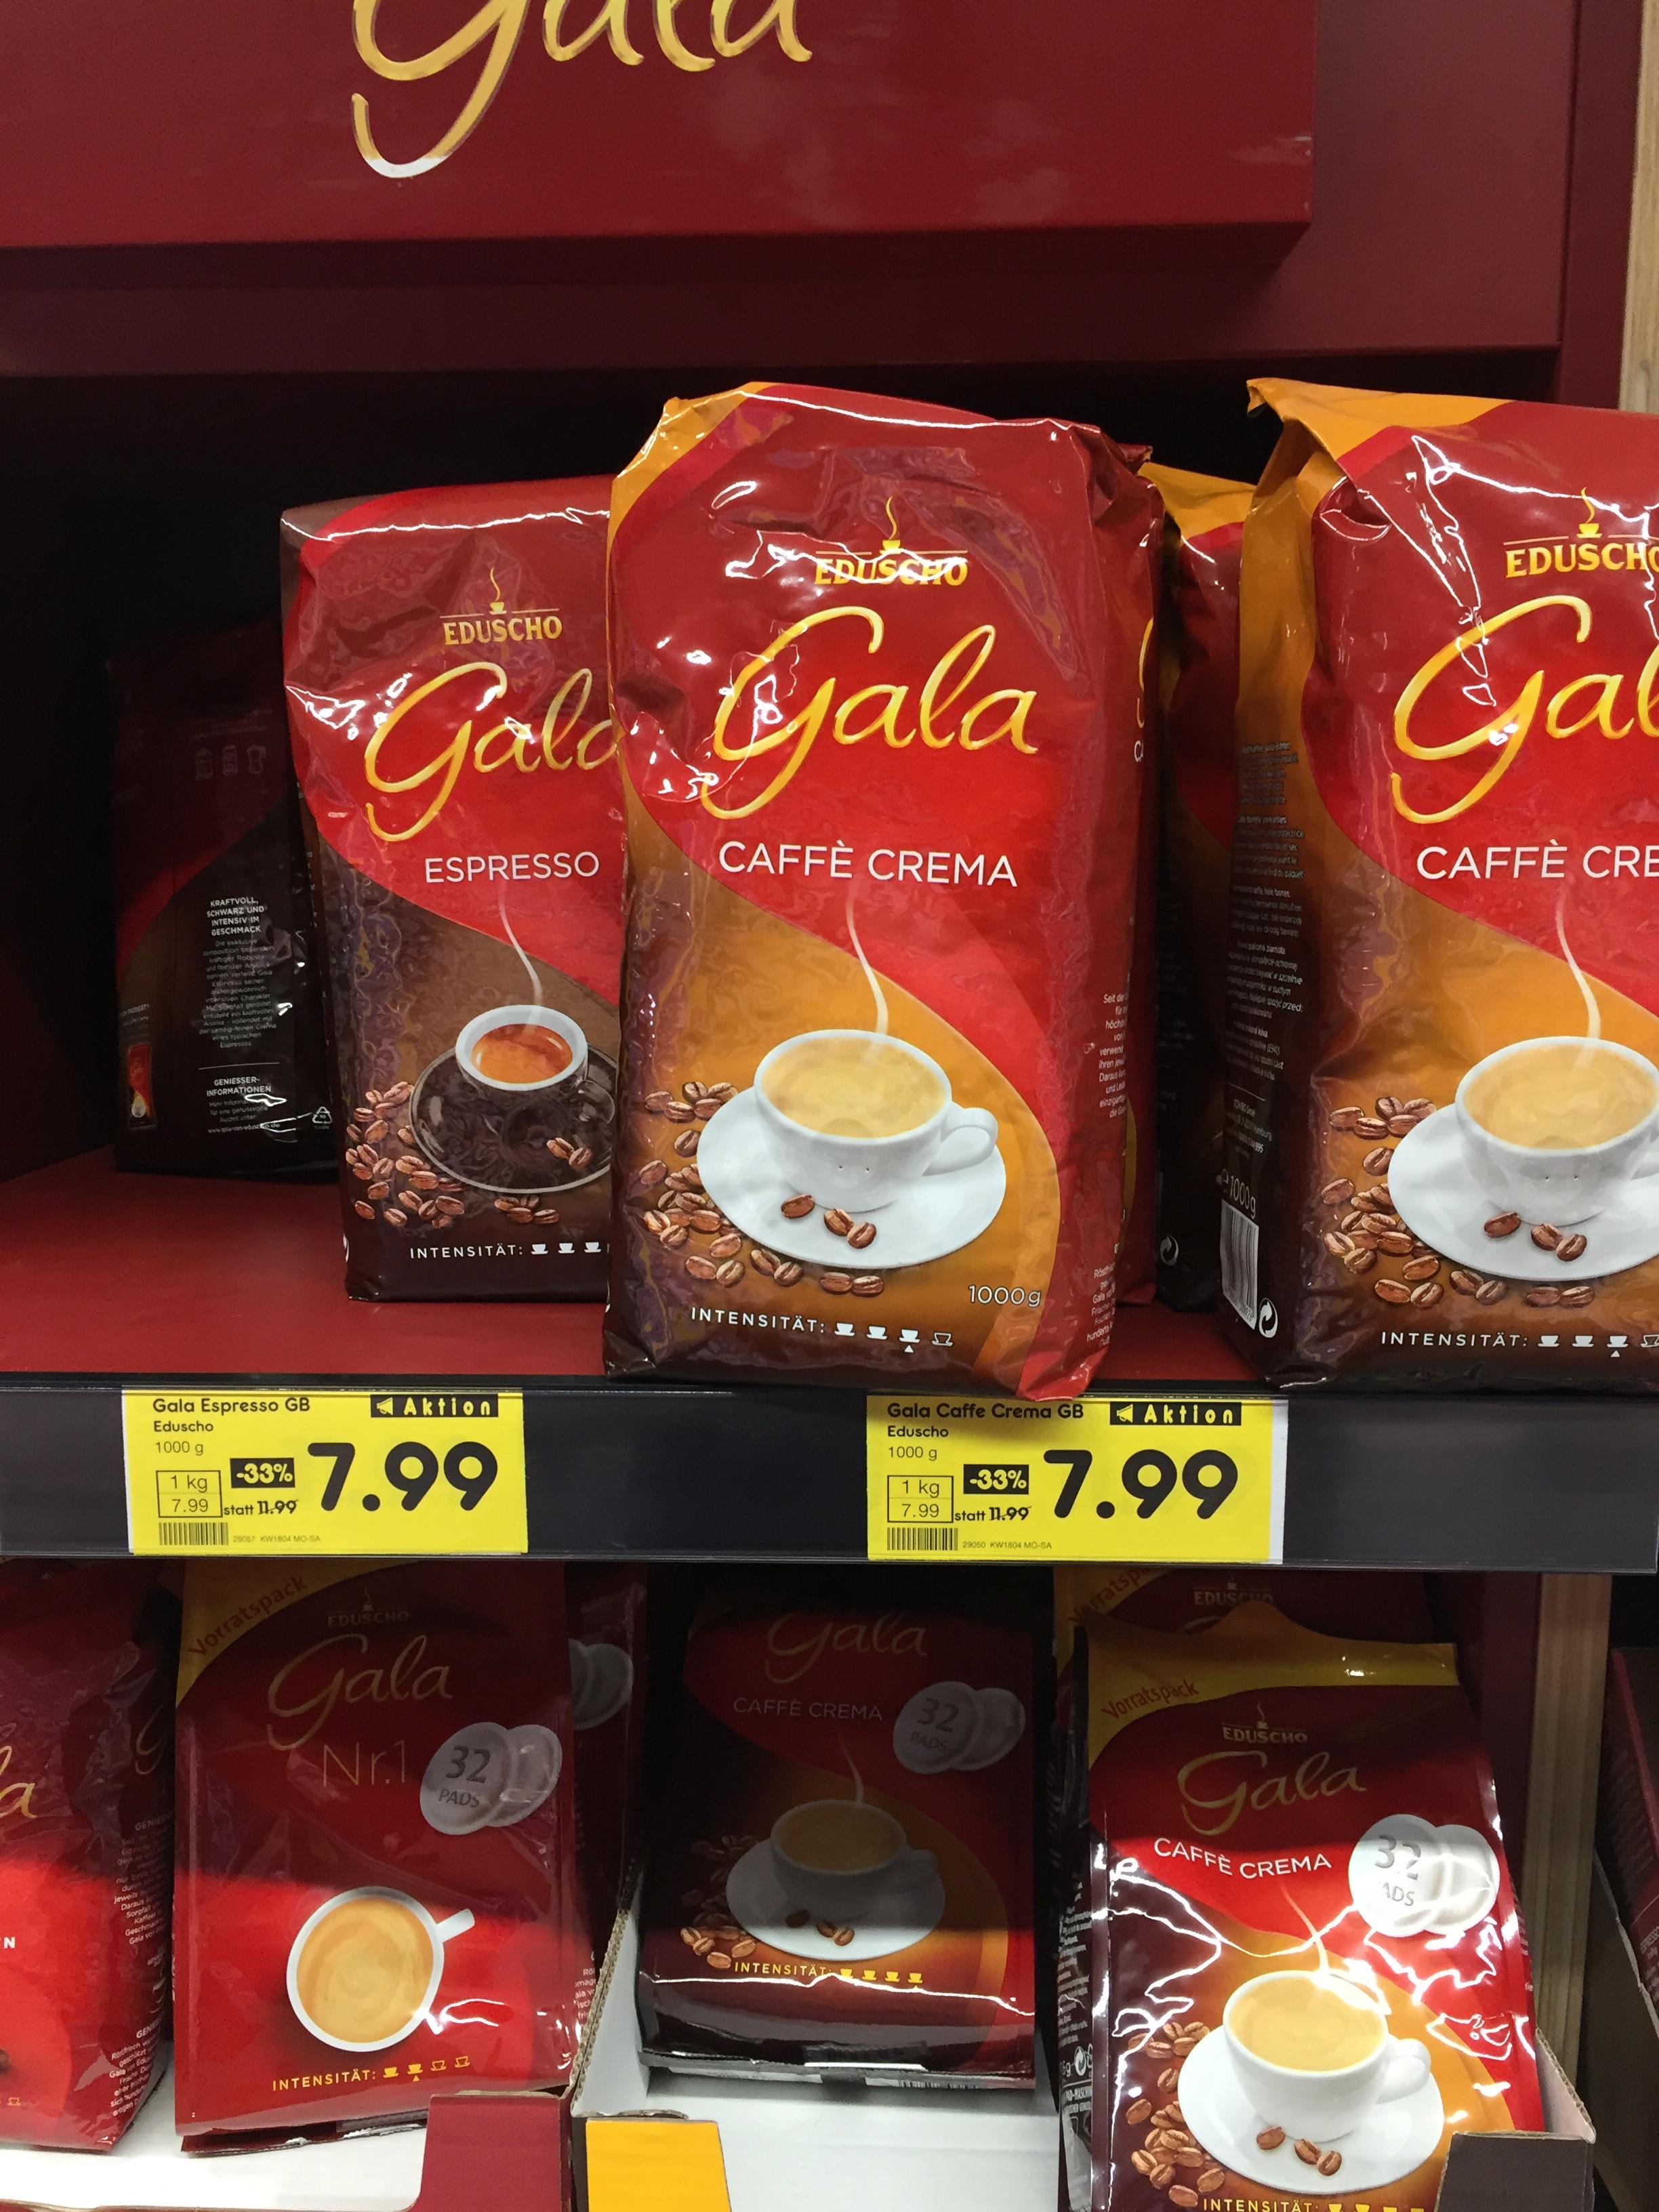 Netto Eduscho Gala Espresso und Café Crema in ganzen Bohnen1 kg